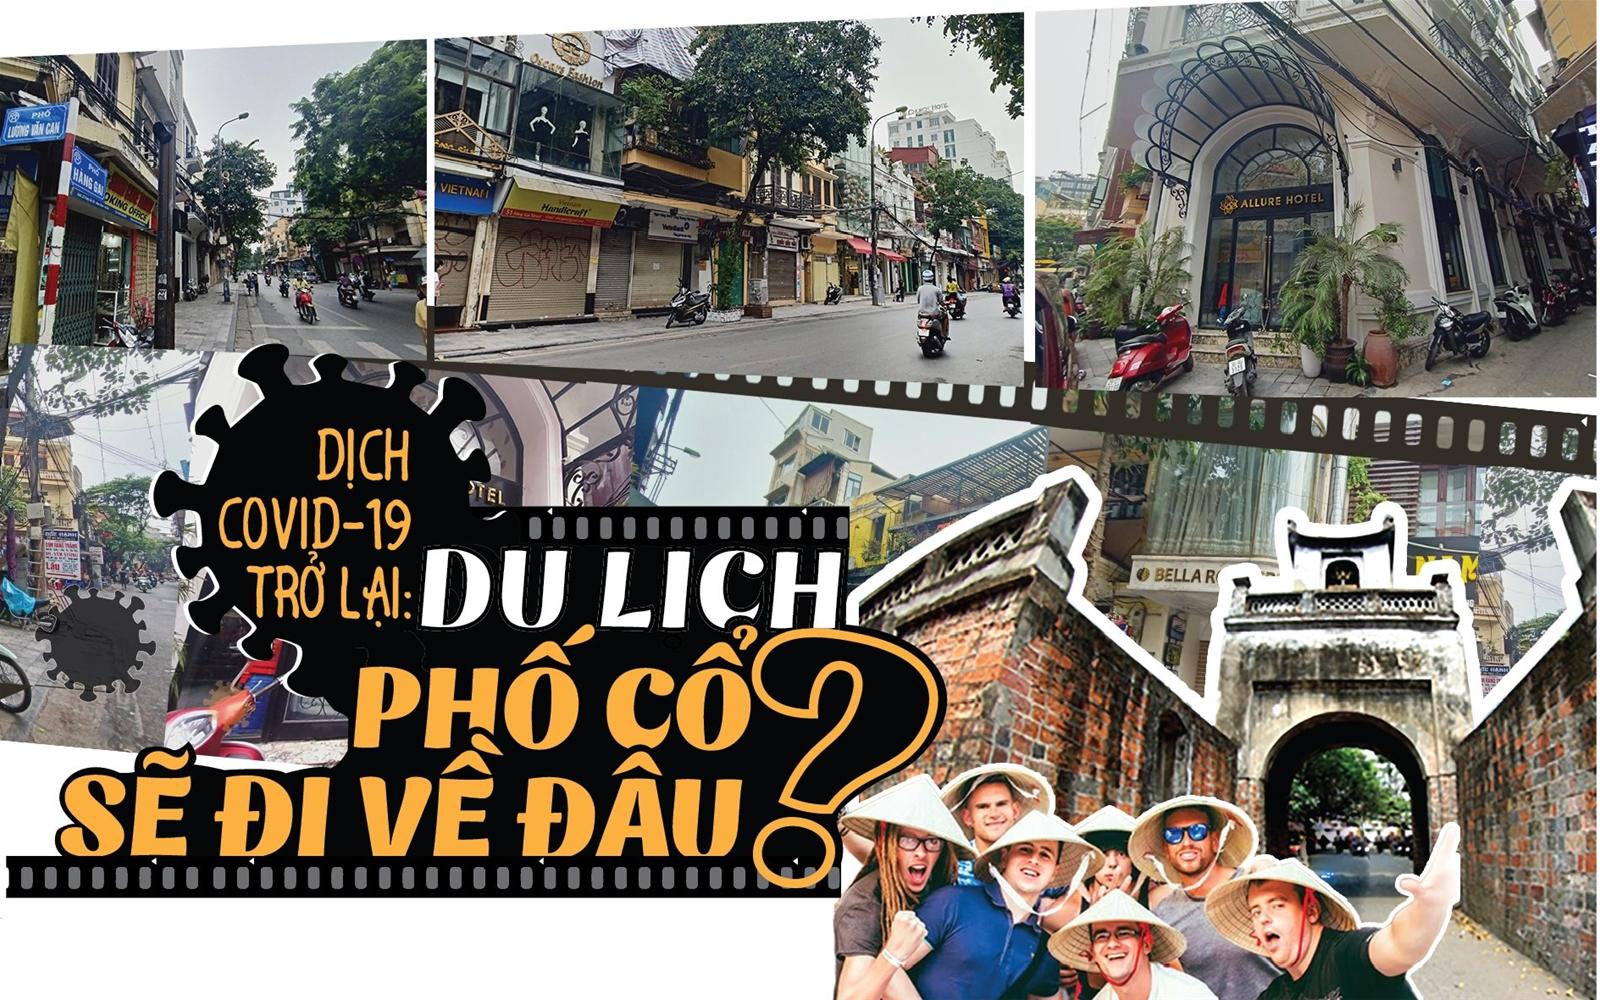 Dịch Covid-19 trở lại: Du lịch phố cổ sẽ đi về đâu?